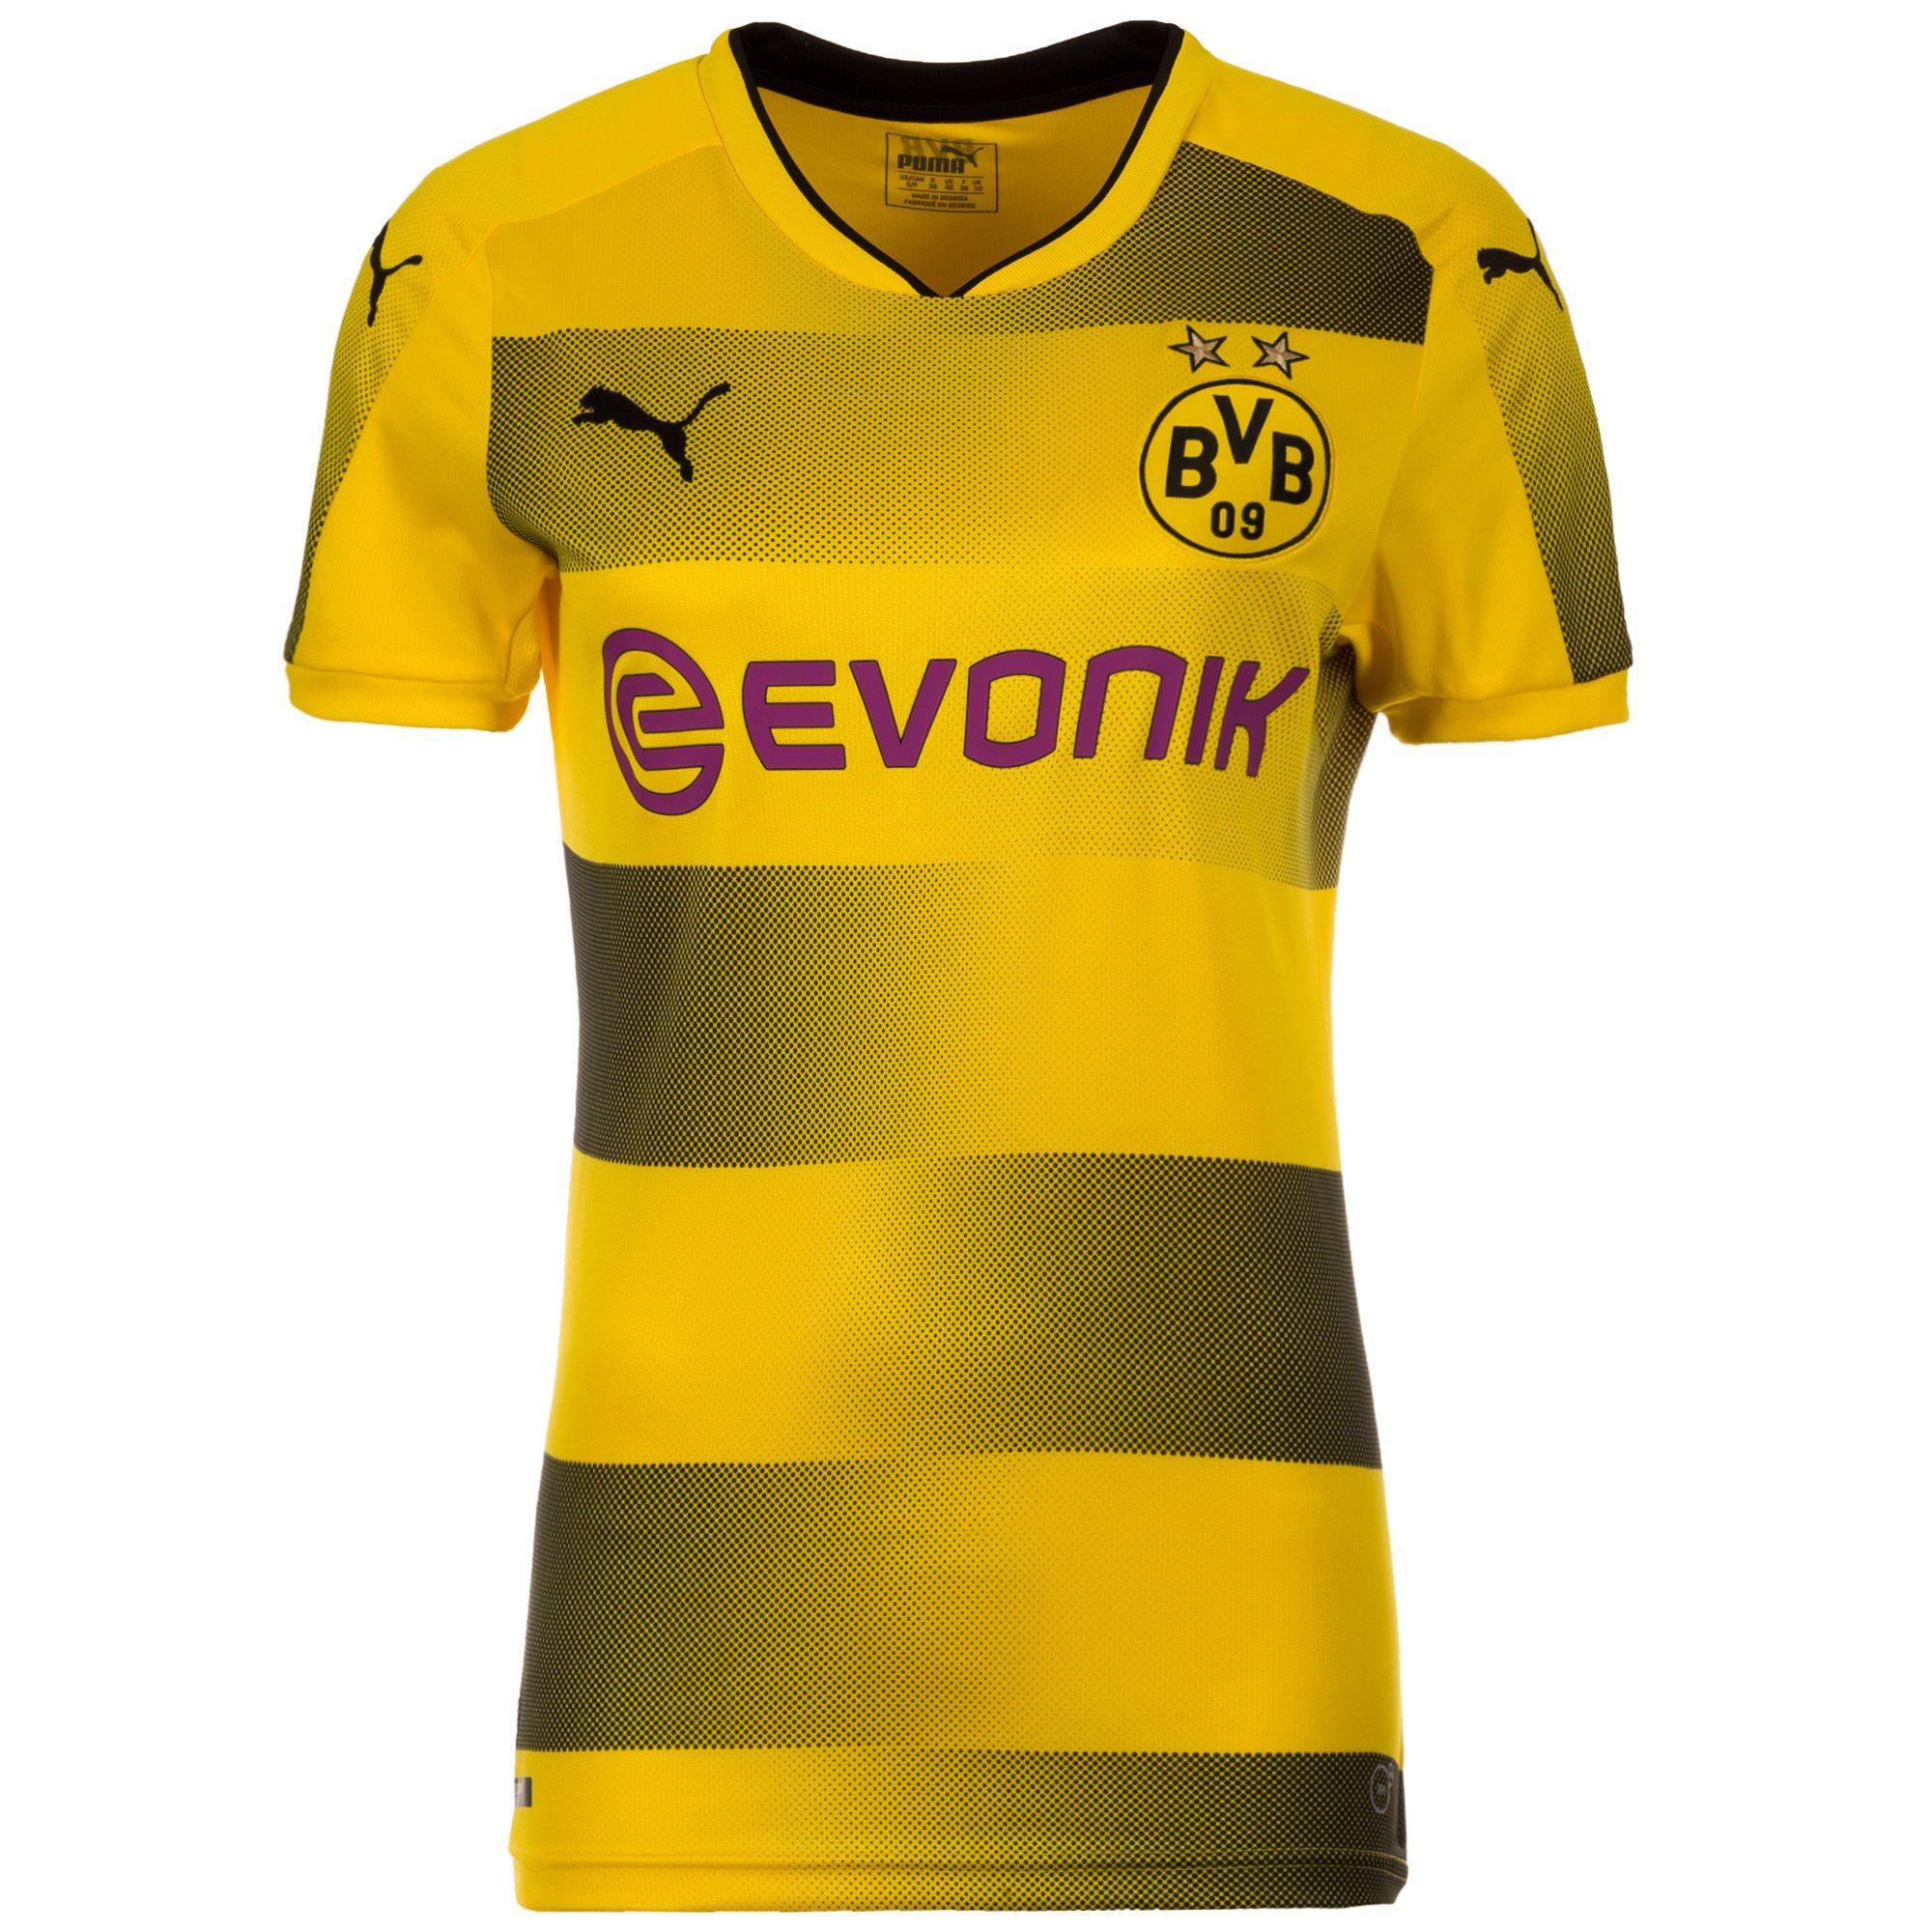 PUMA Fußballtrikot Borussia Dortmund 17/18 Heim | Sportbekleidung > Trikots > Fußballtrikots | Gelb | Ab | Puma